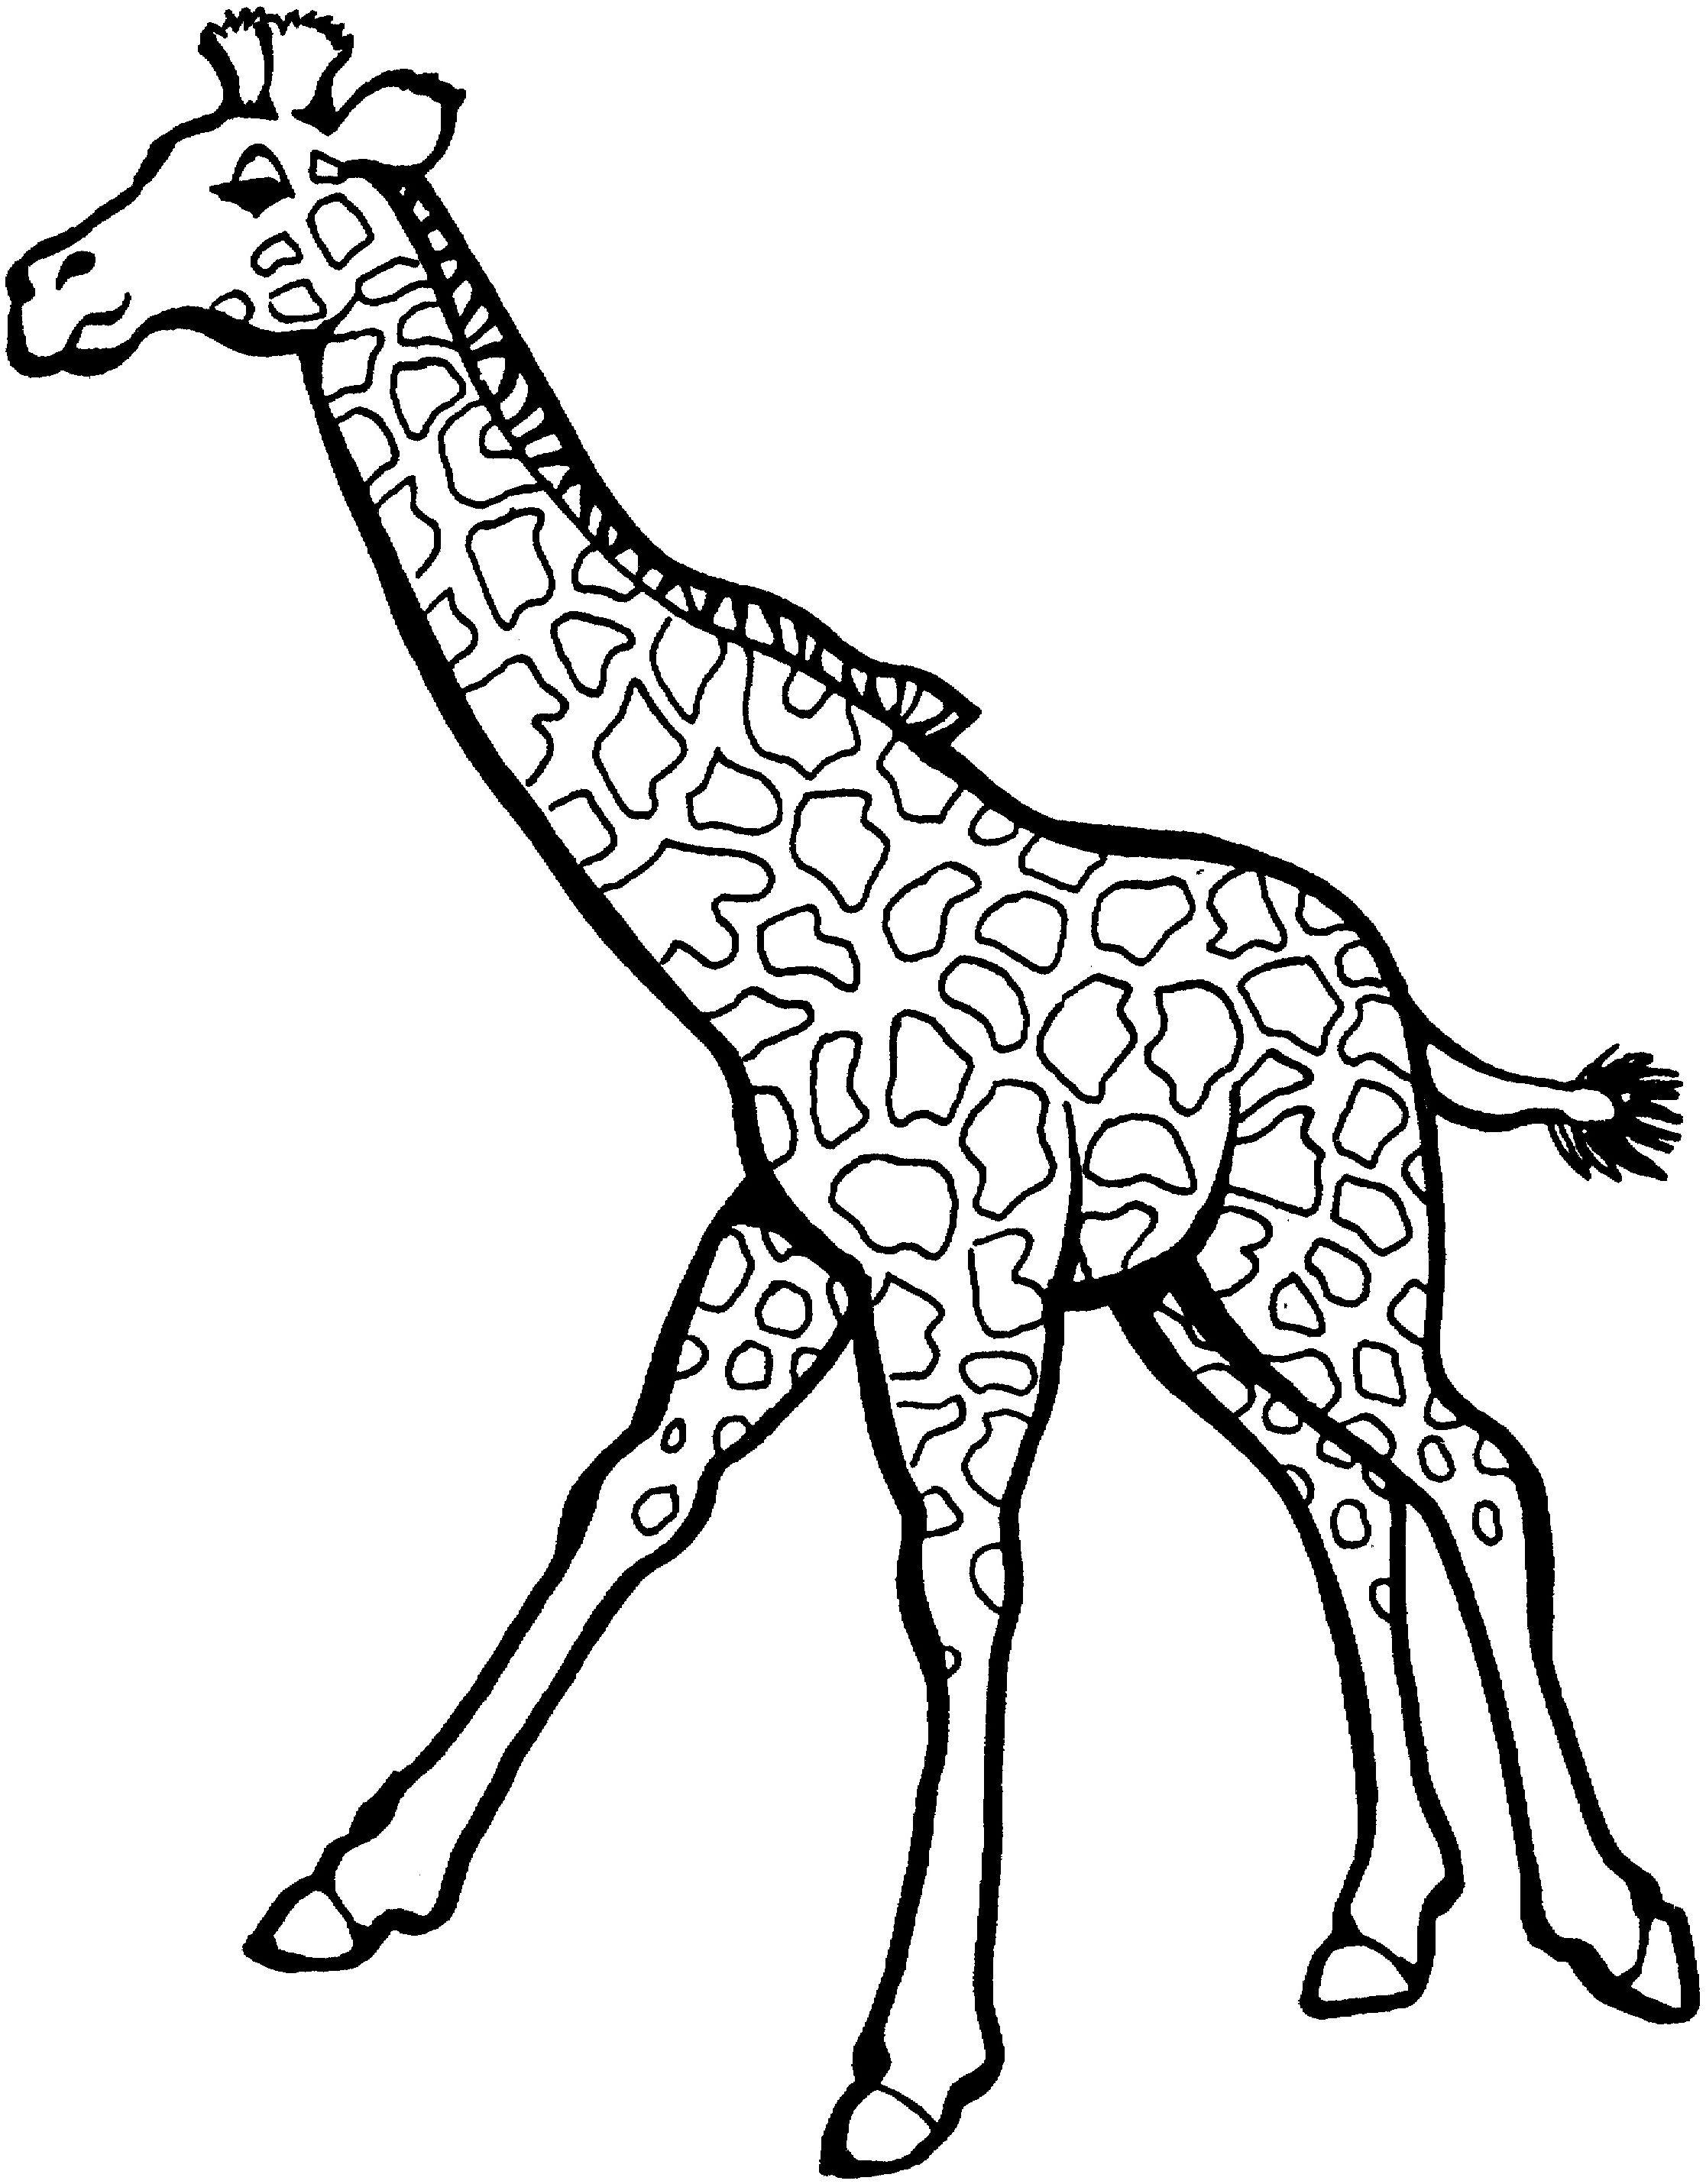 Fast Moving Giraffe | Giraffes | Pinterest